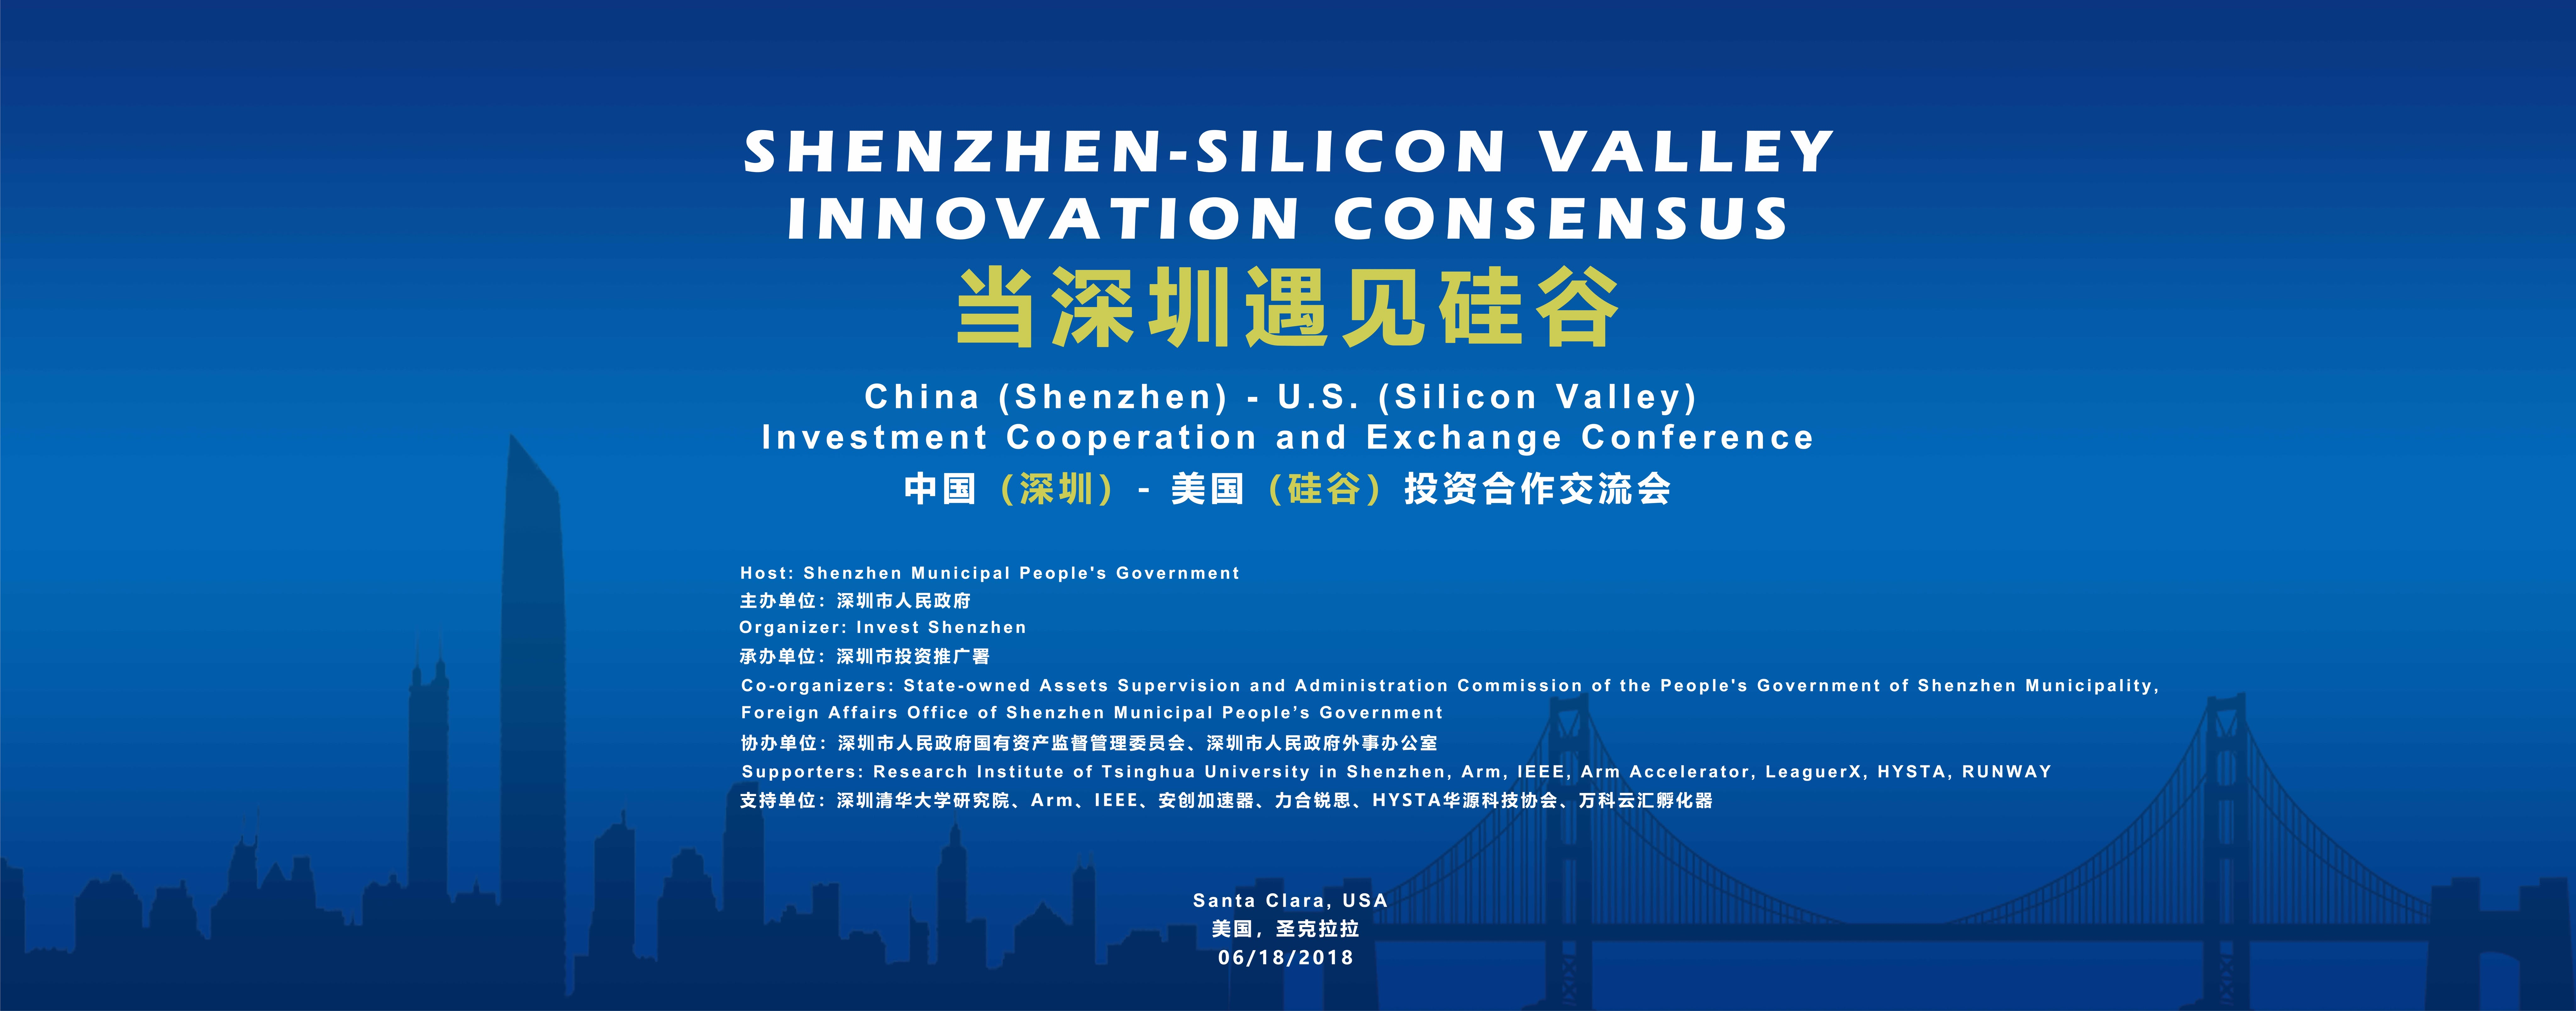 Shenzhen-Silicon Valley  Innovation Consensus